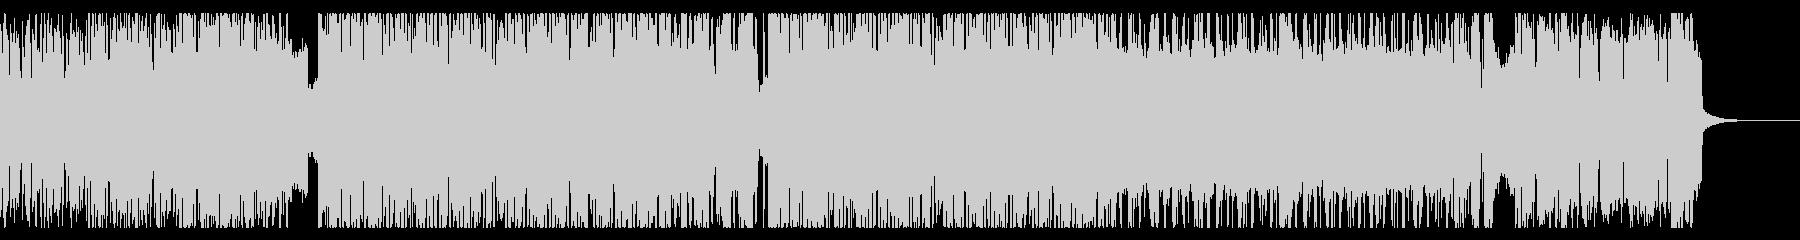 80年代風・王道スラッシュメタル Aの未再生の波形